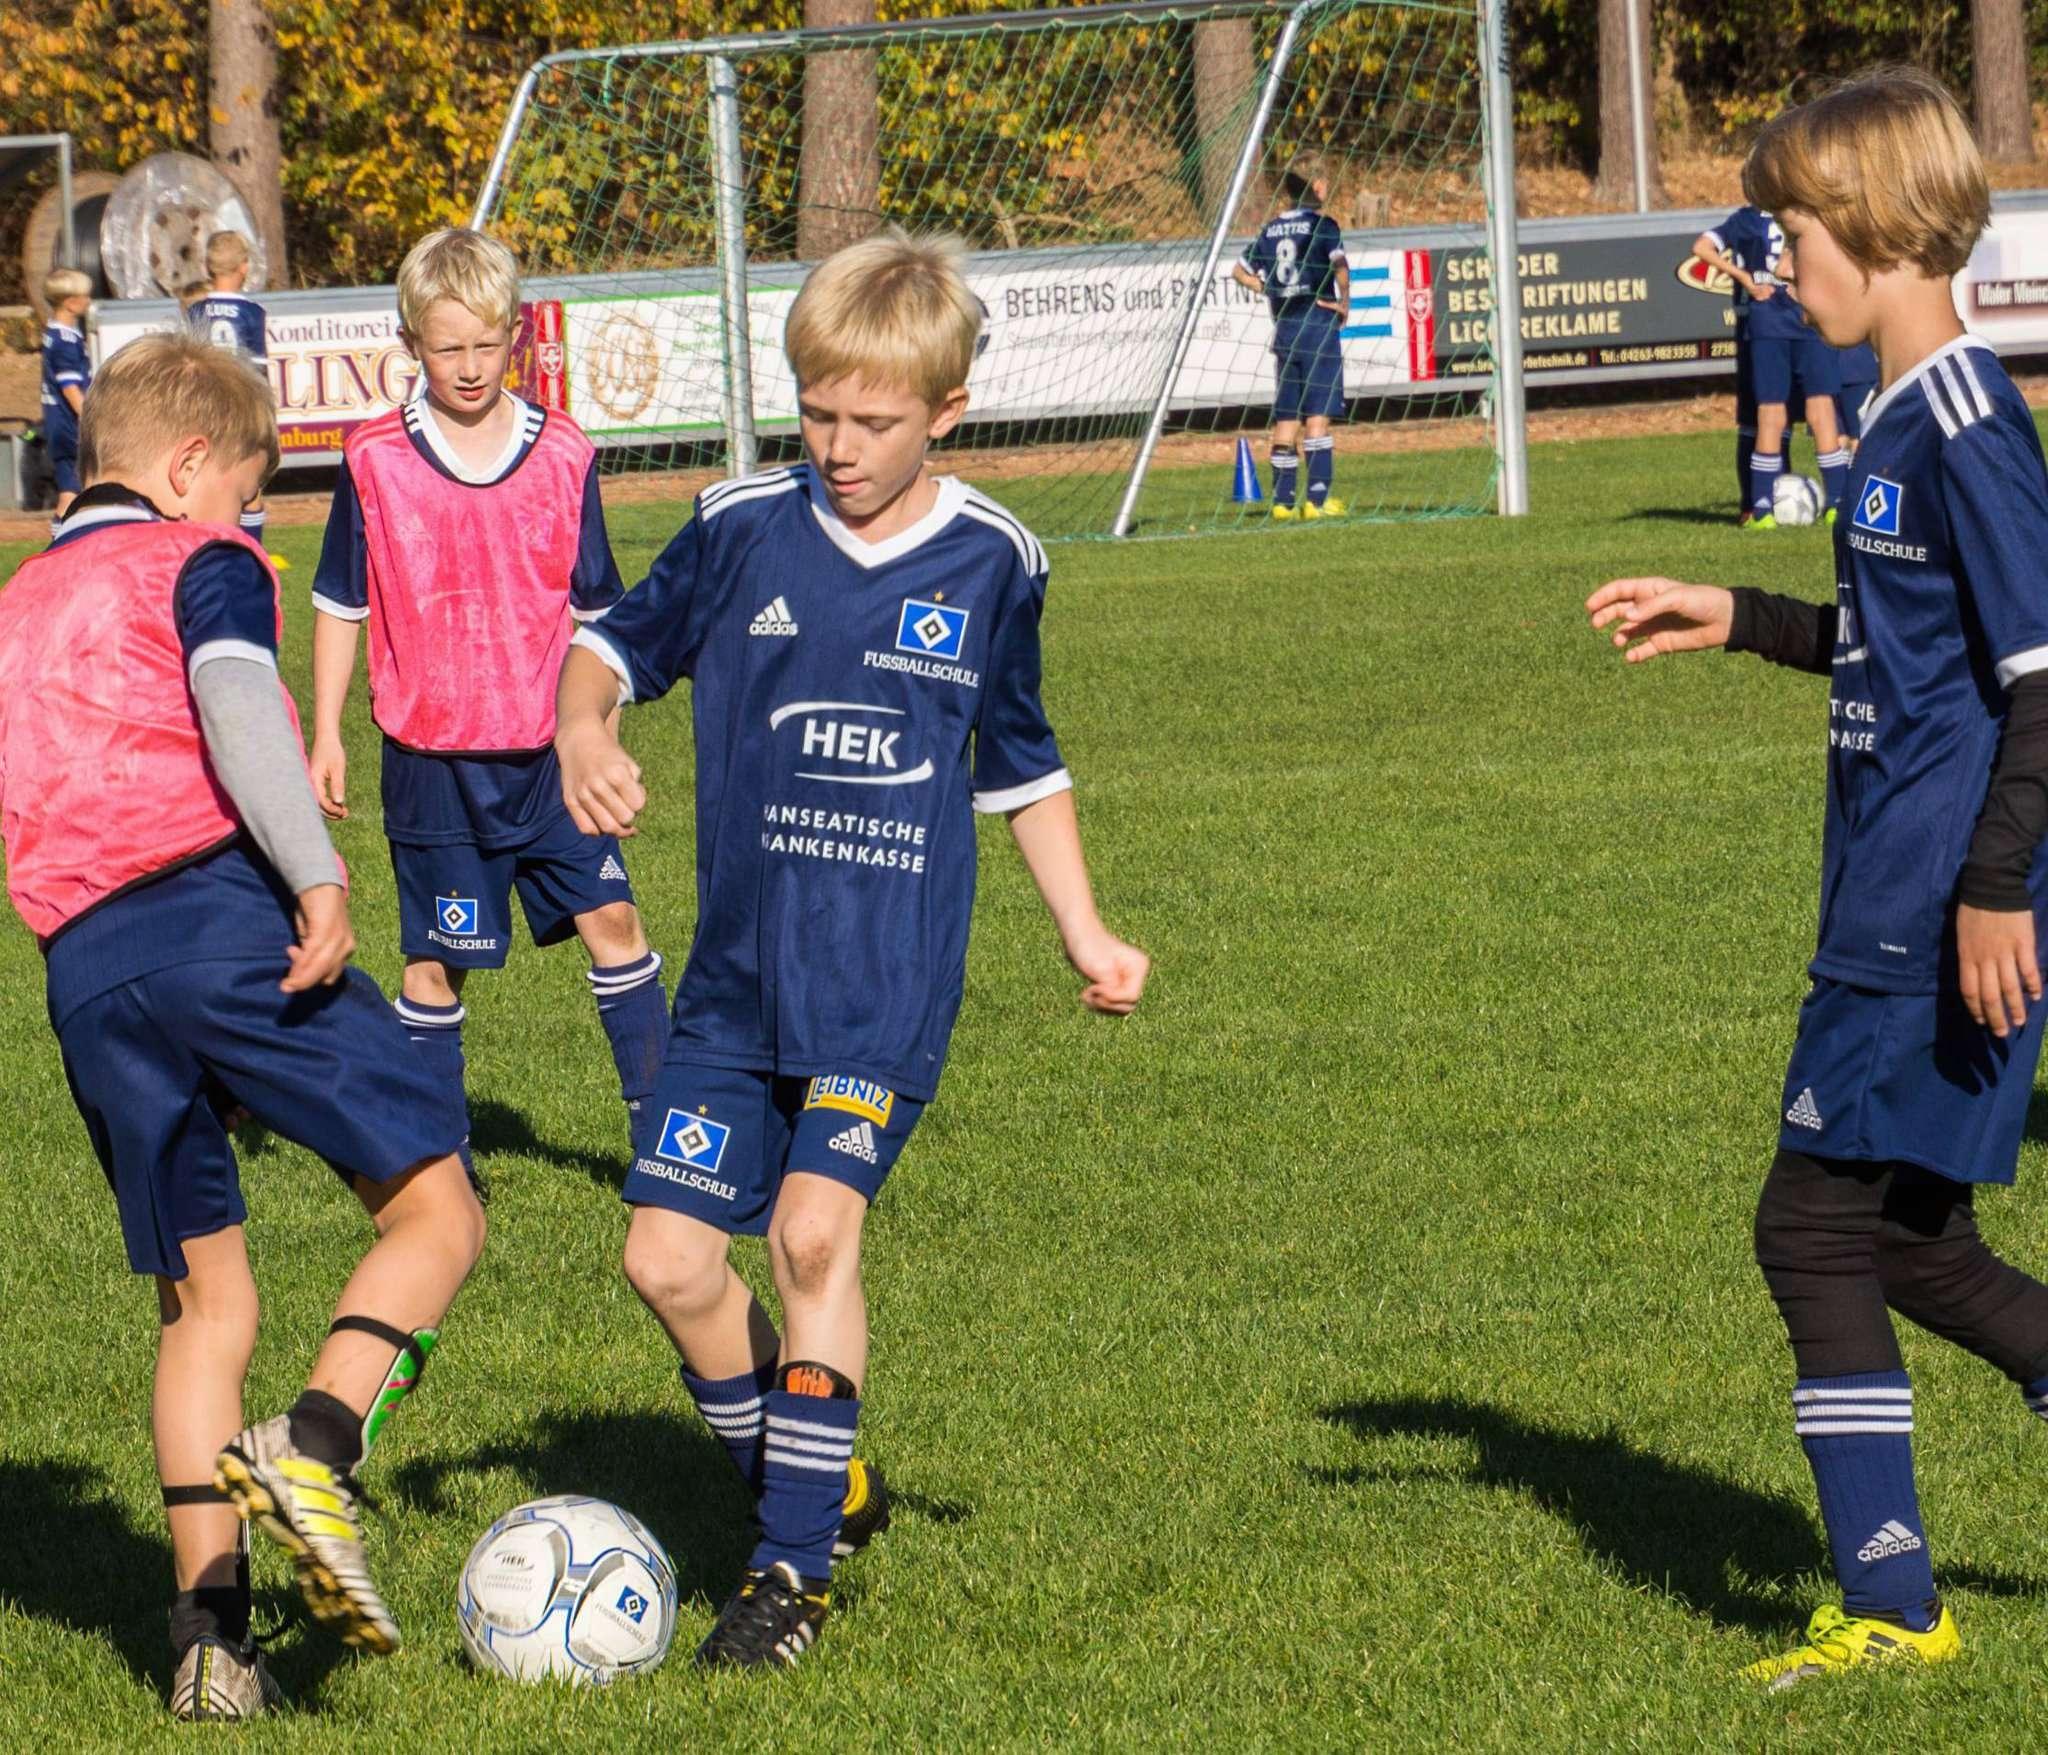 Mit viel Spaß und Körpereinsatz trainieren die Schüler Torschuss und Koordination. Foto: Klaus-Dieter Plage